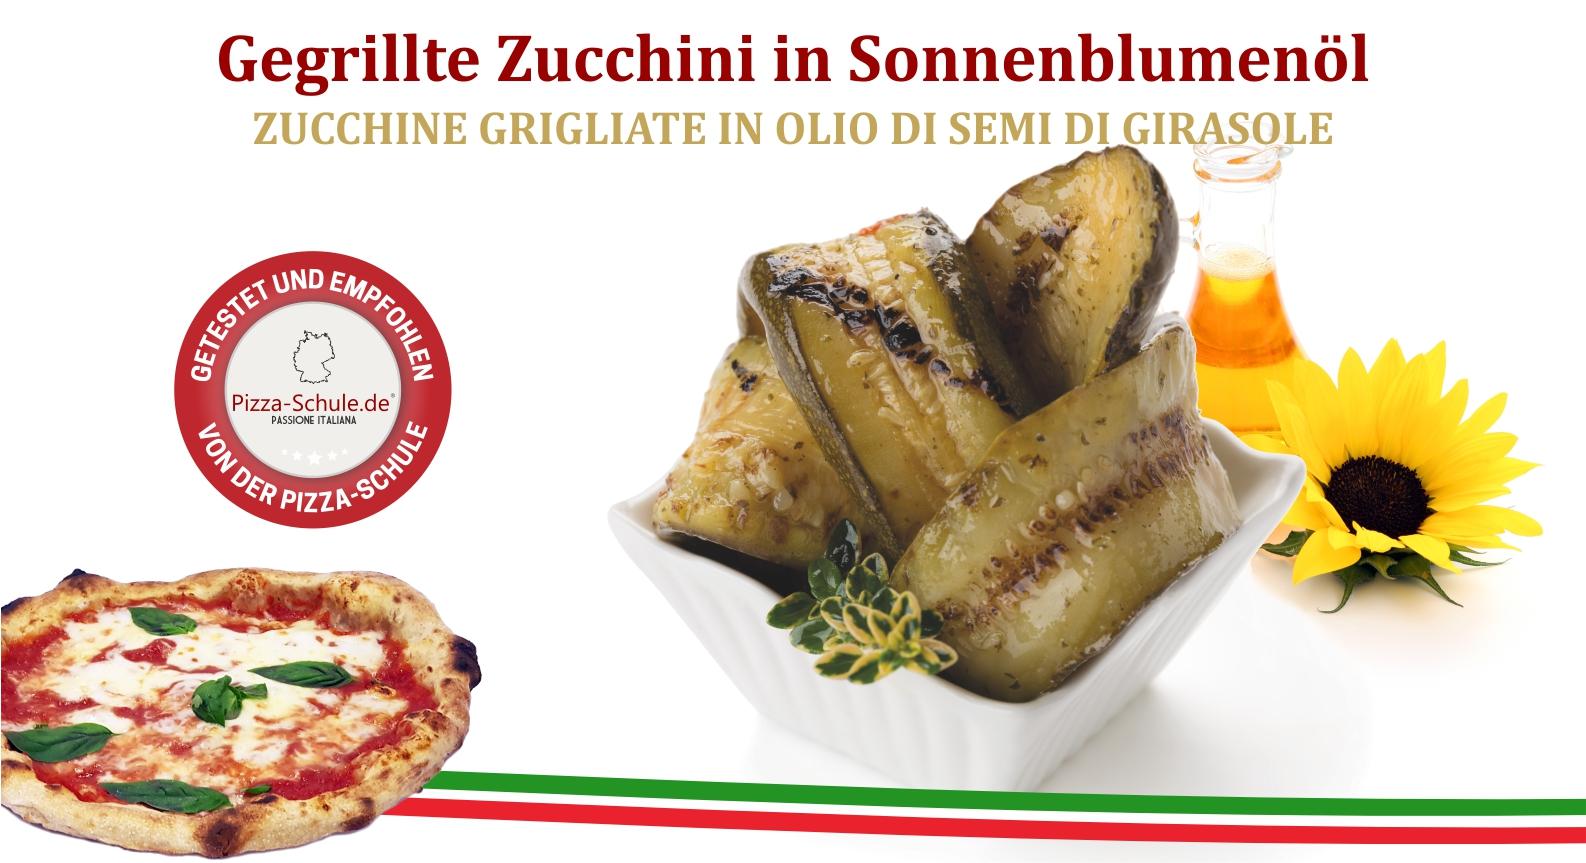 Gegrillte Zucchini in Sonnenblumenöl